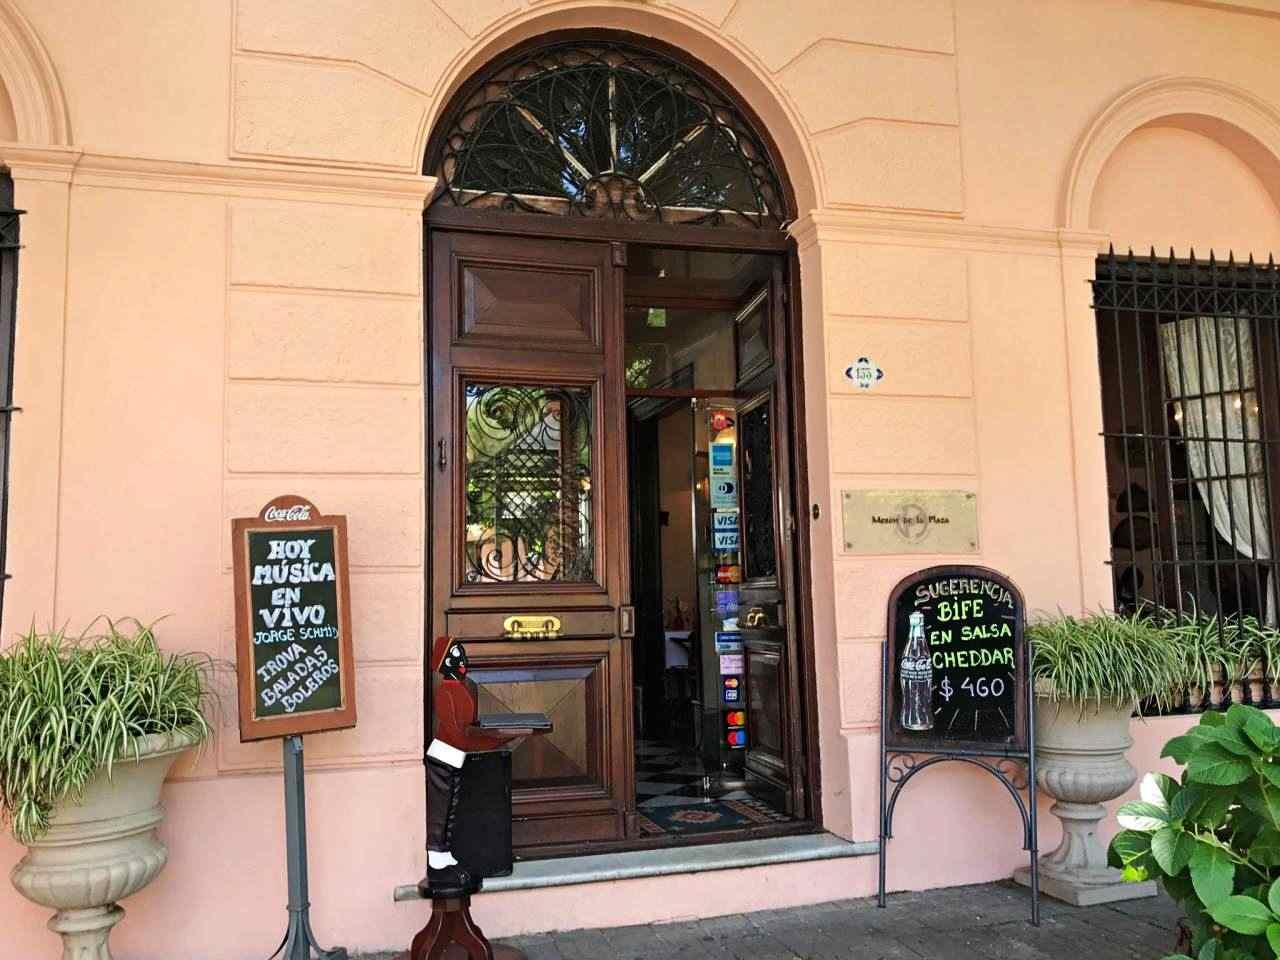 Restaurante Mesón de la Plaza - colonia del Sacramento